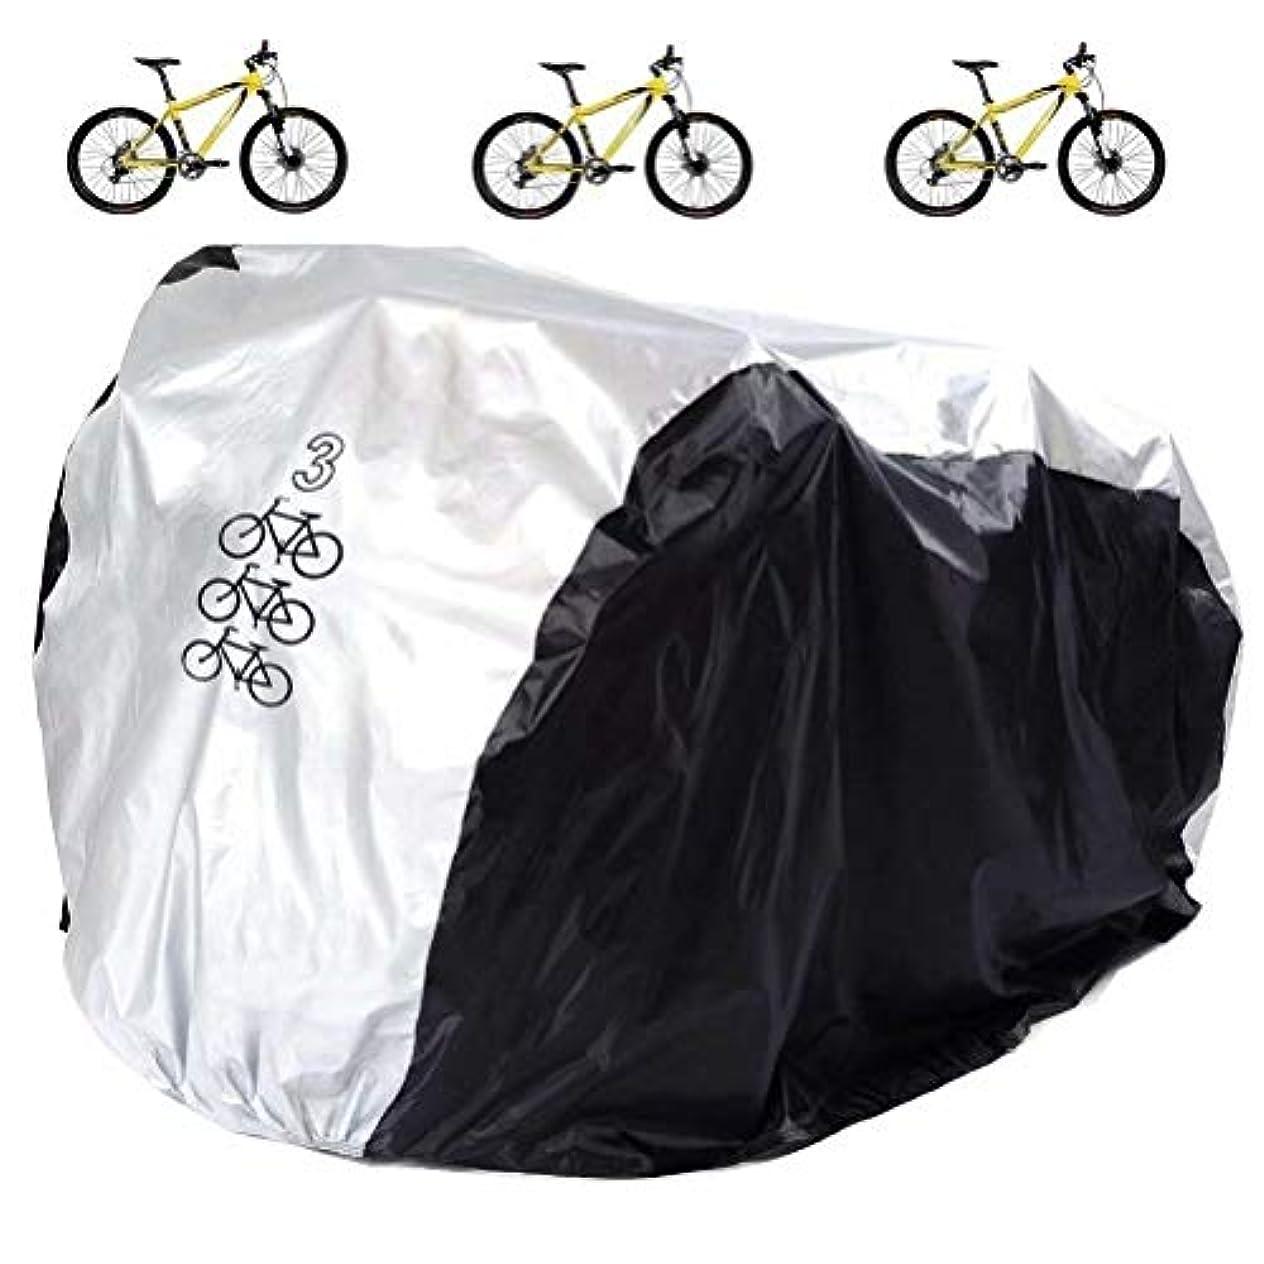 前置詞十分分数自転車カバー 自転車 サイクルカバー カバー 電動自転車カバー 防犯 防風 UVカット 防水 厚手 420dオックス 26インチまで1台/2台/3台対応